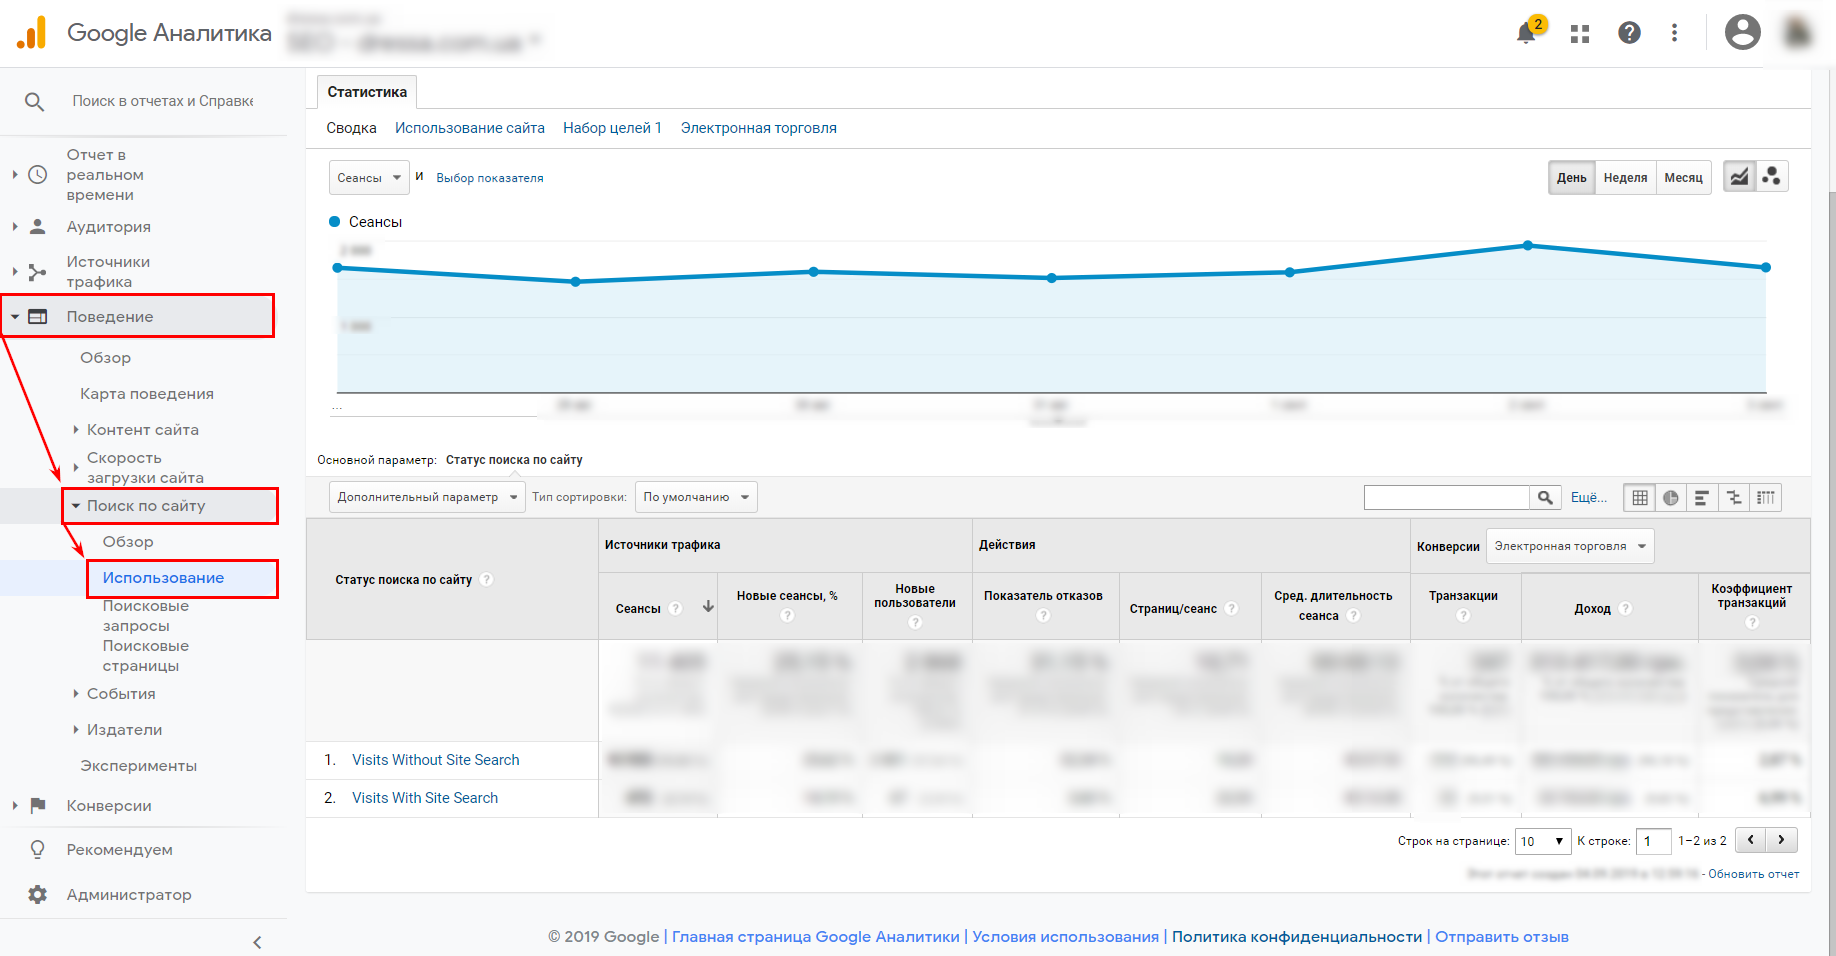 Где в га посмотреть сколько посетителей полузуются внутренним поиском по сайту